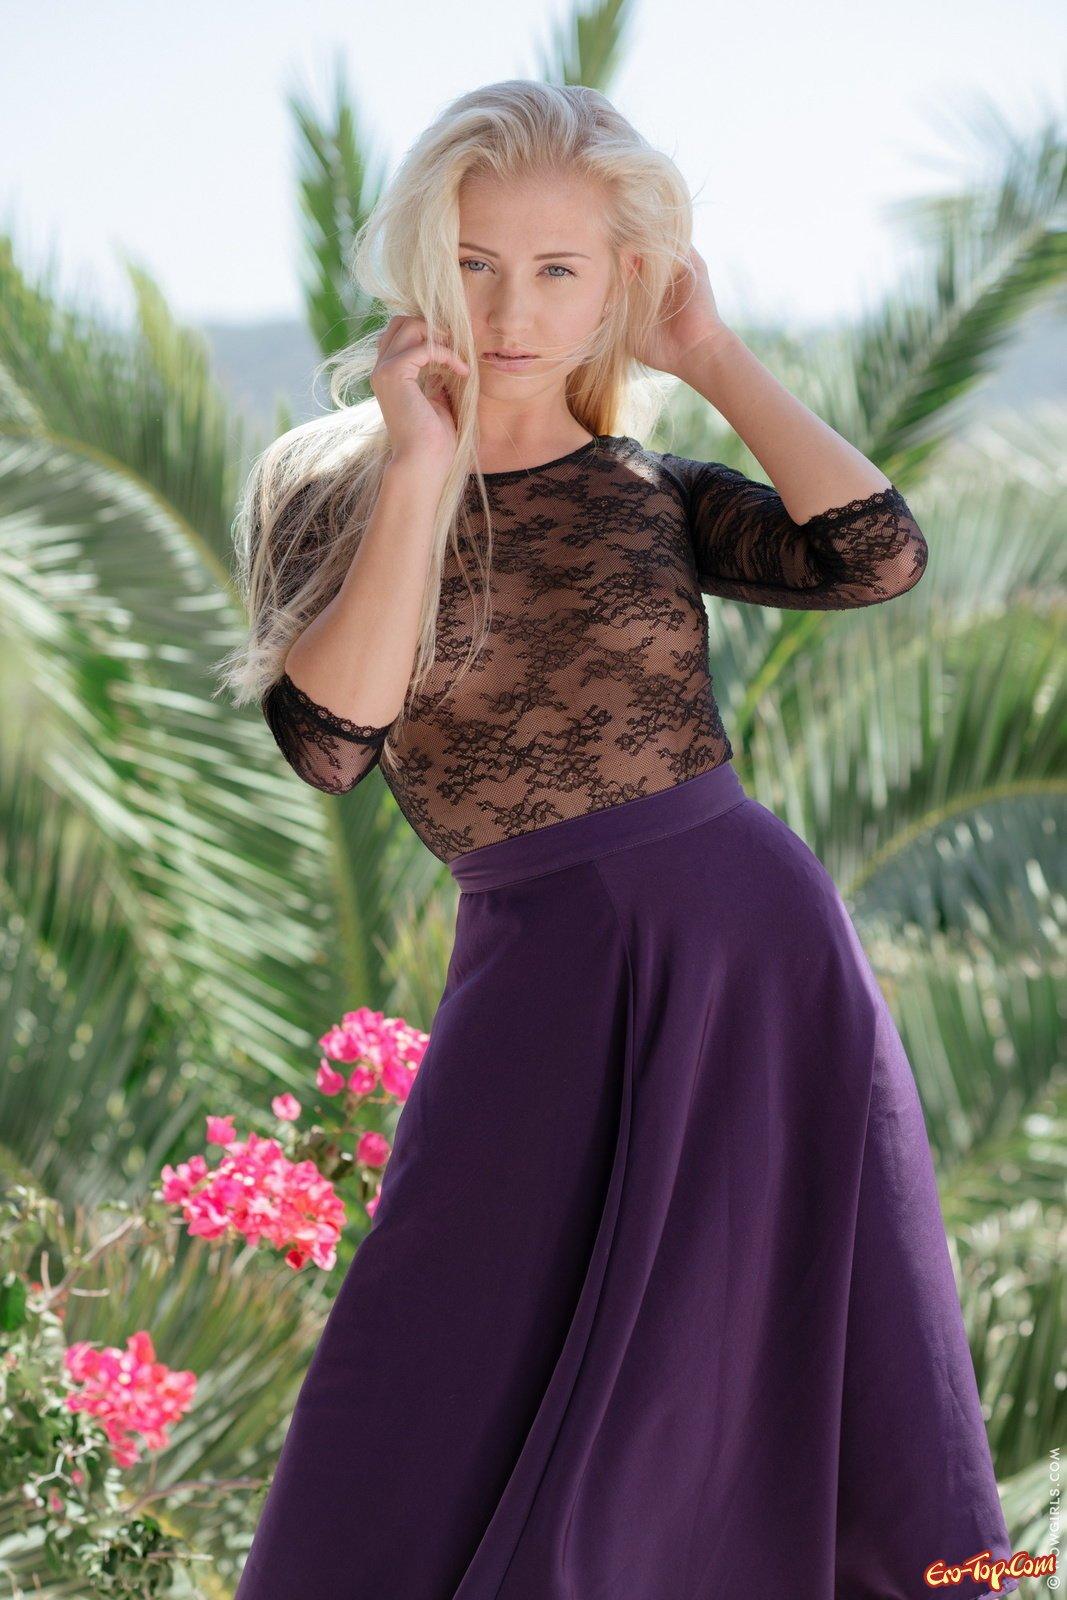 Жаркая блондинка раздевается в саду